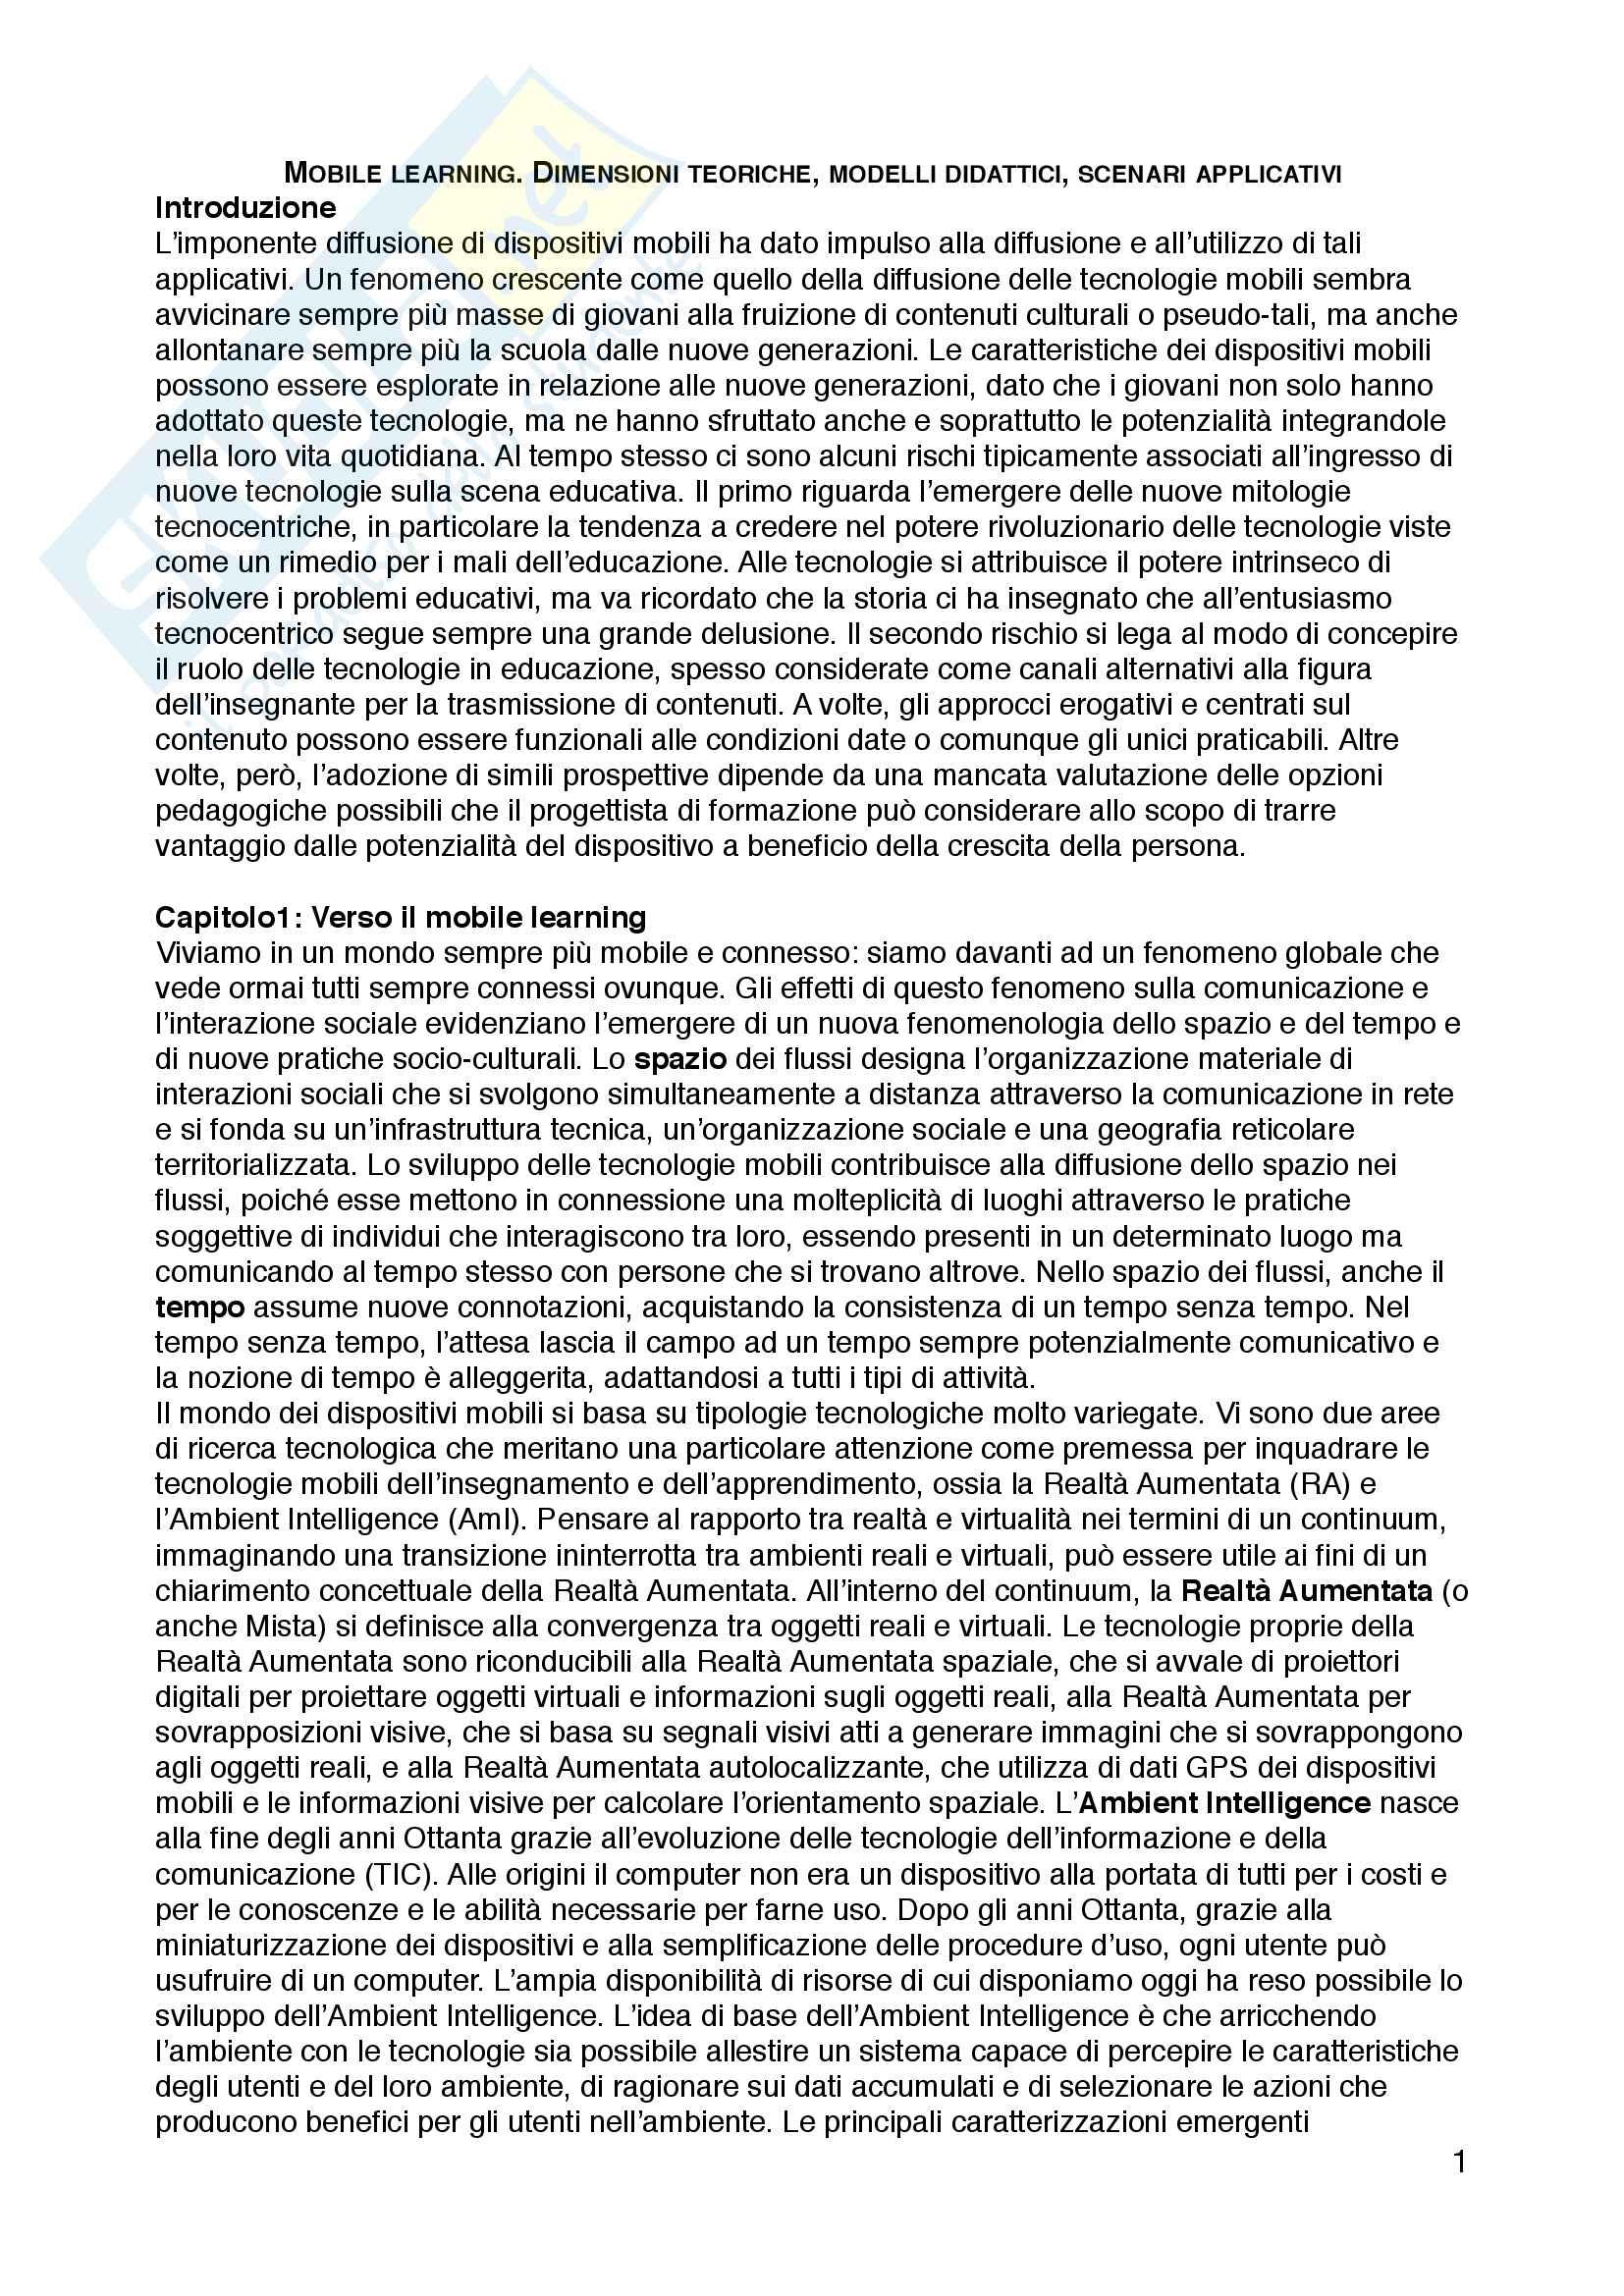 """Riassunto esame Tecnologie dell'istruzione e dell'apprendimento, prof.ssa Maria Ranieri, libro consigliato """"Mobile learning. Dimensioni teoriche, modelli didattici, scenari applicativi"""", Maria Ranieri, Michelle Pieri"""